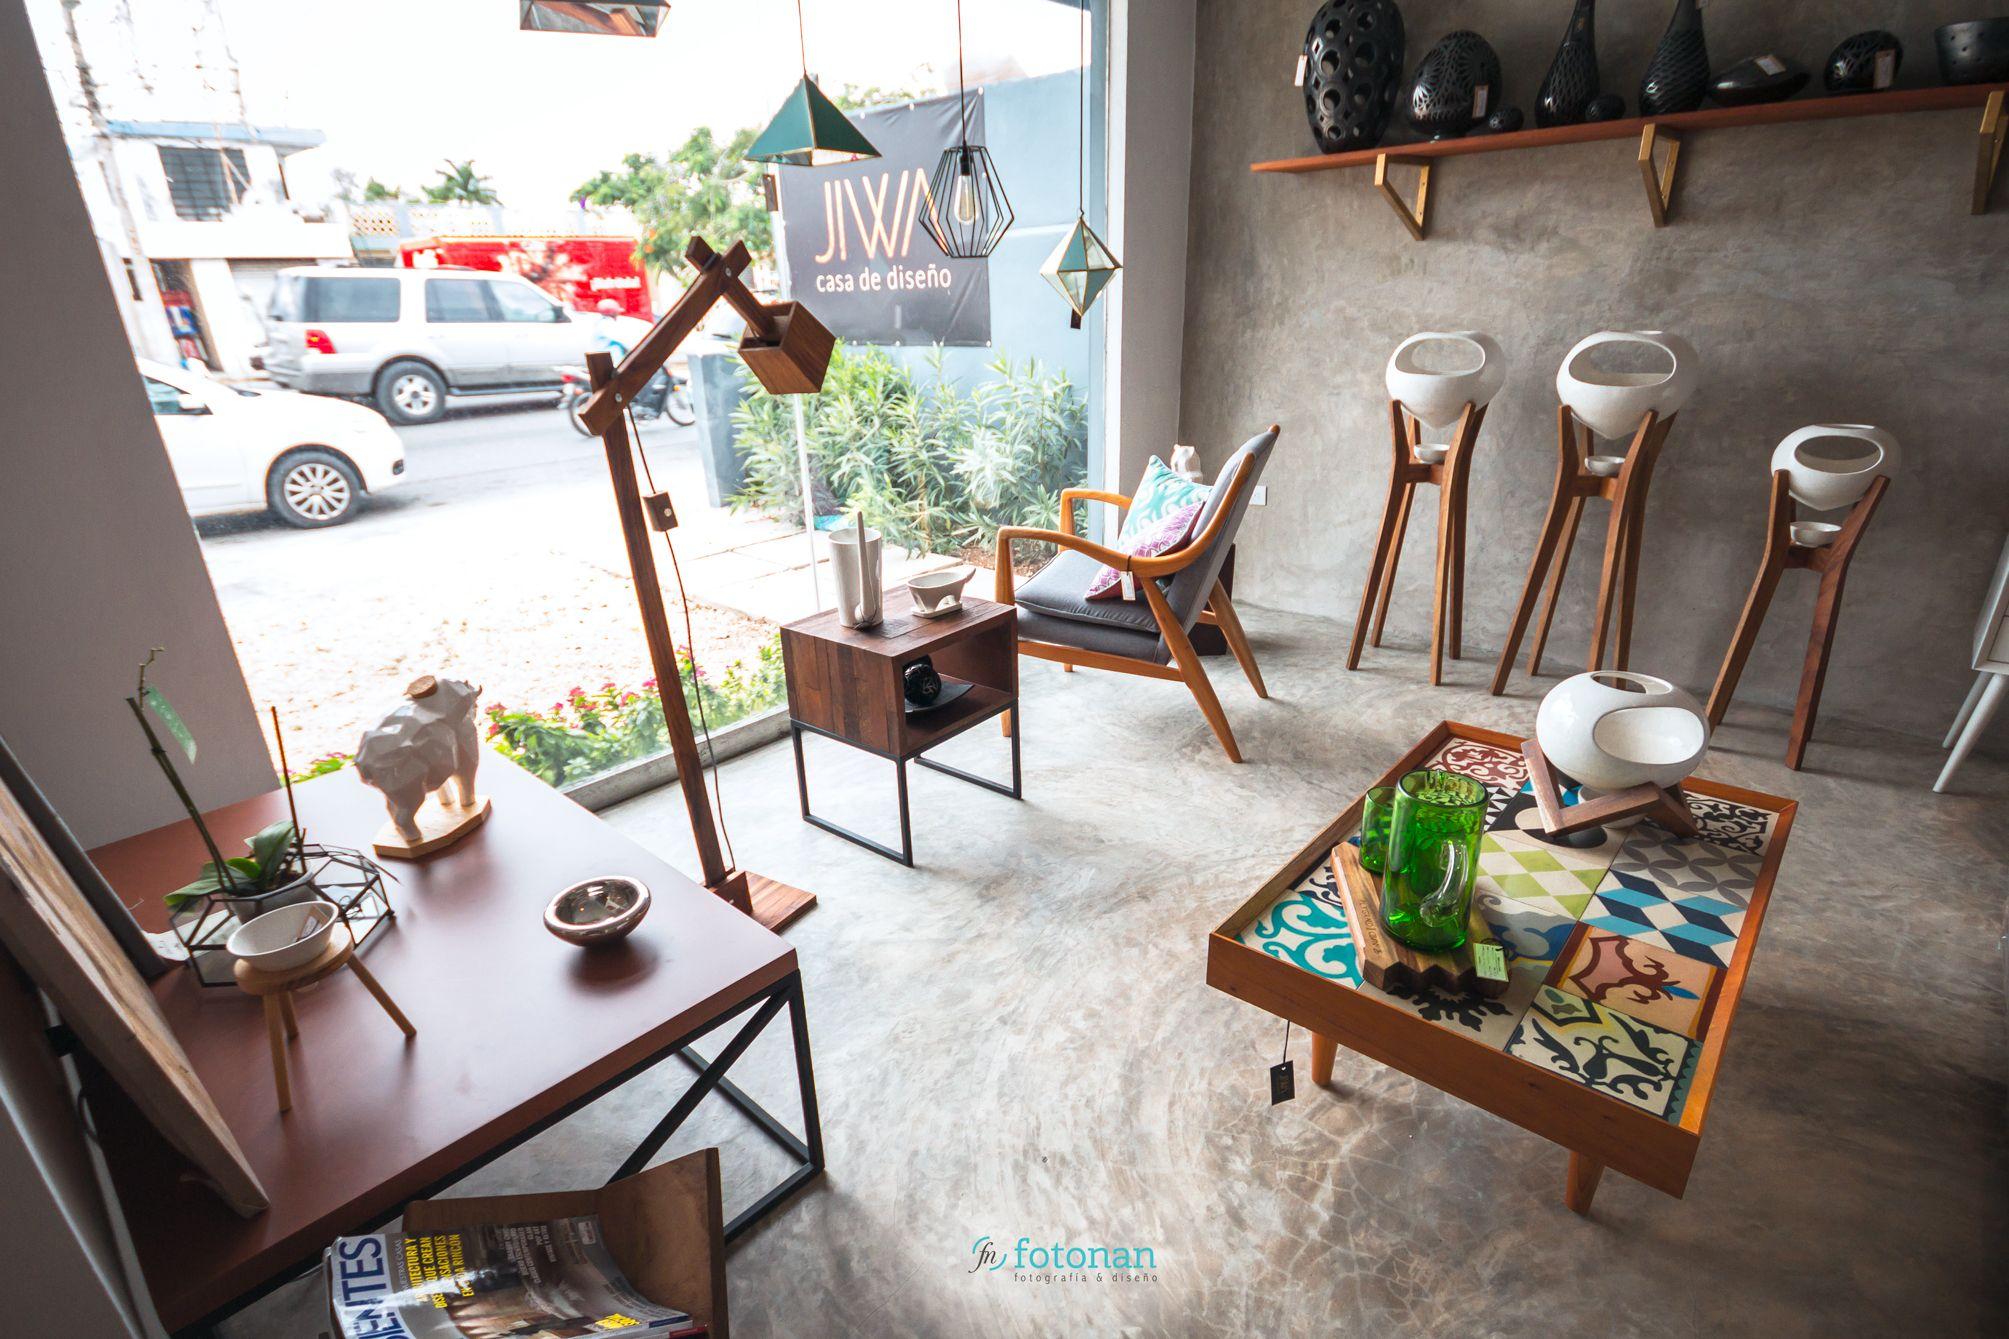 Tienda Jiwa Casa De Dise O Muebles Acentos Moda Dise O  # Muebles Merida Yucatan